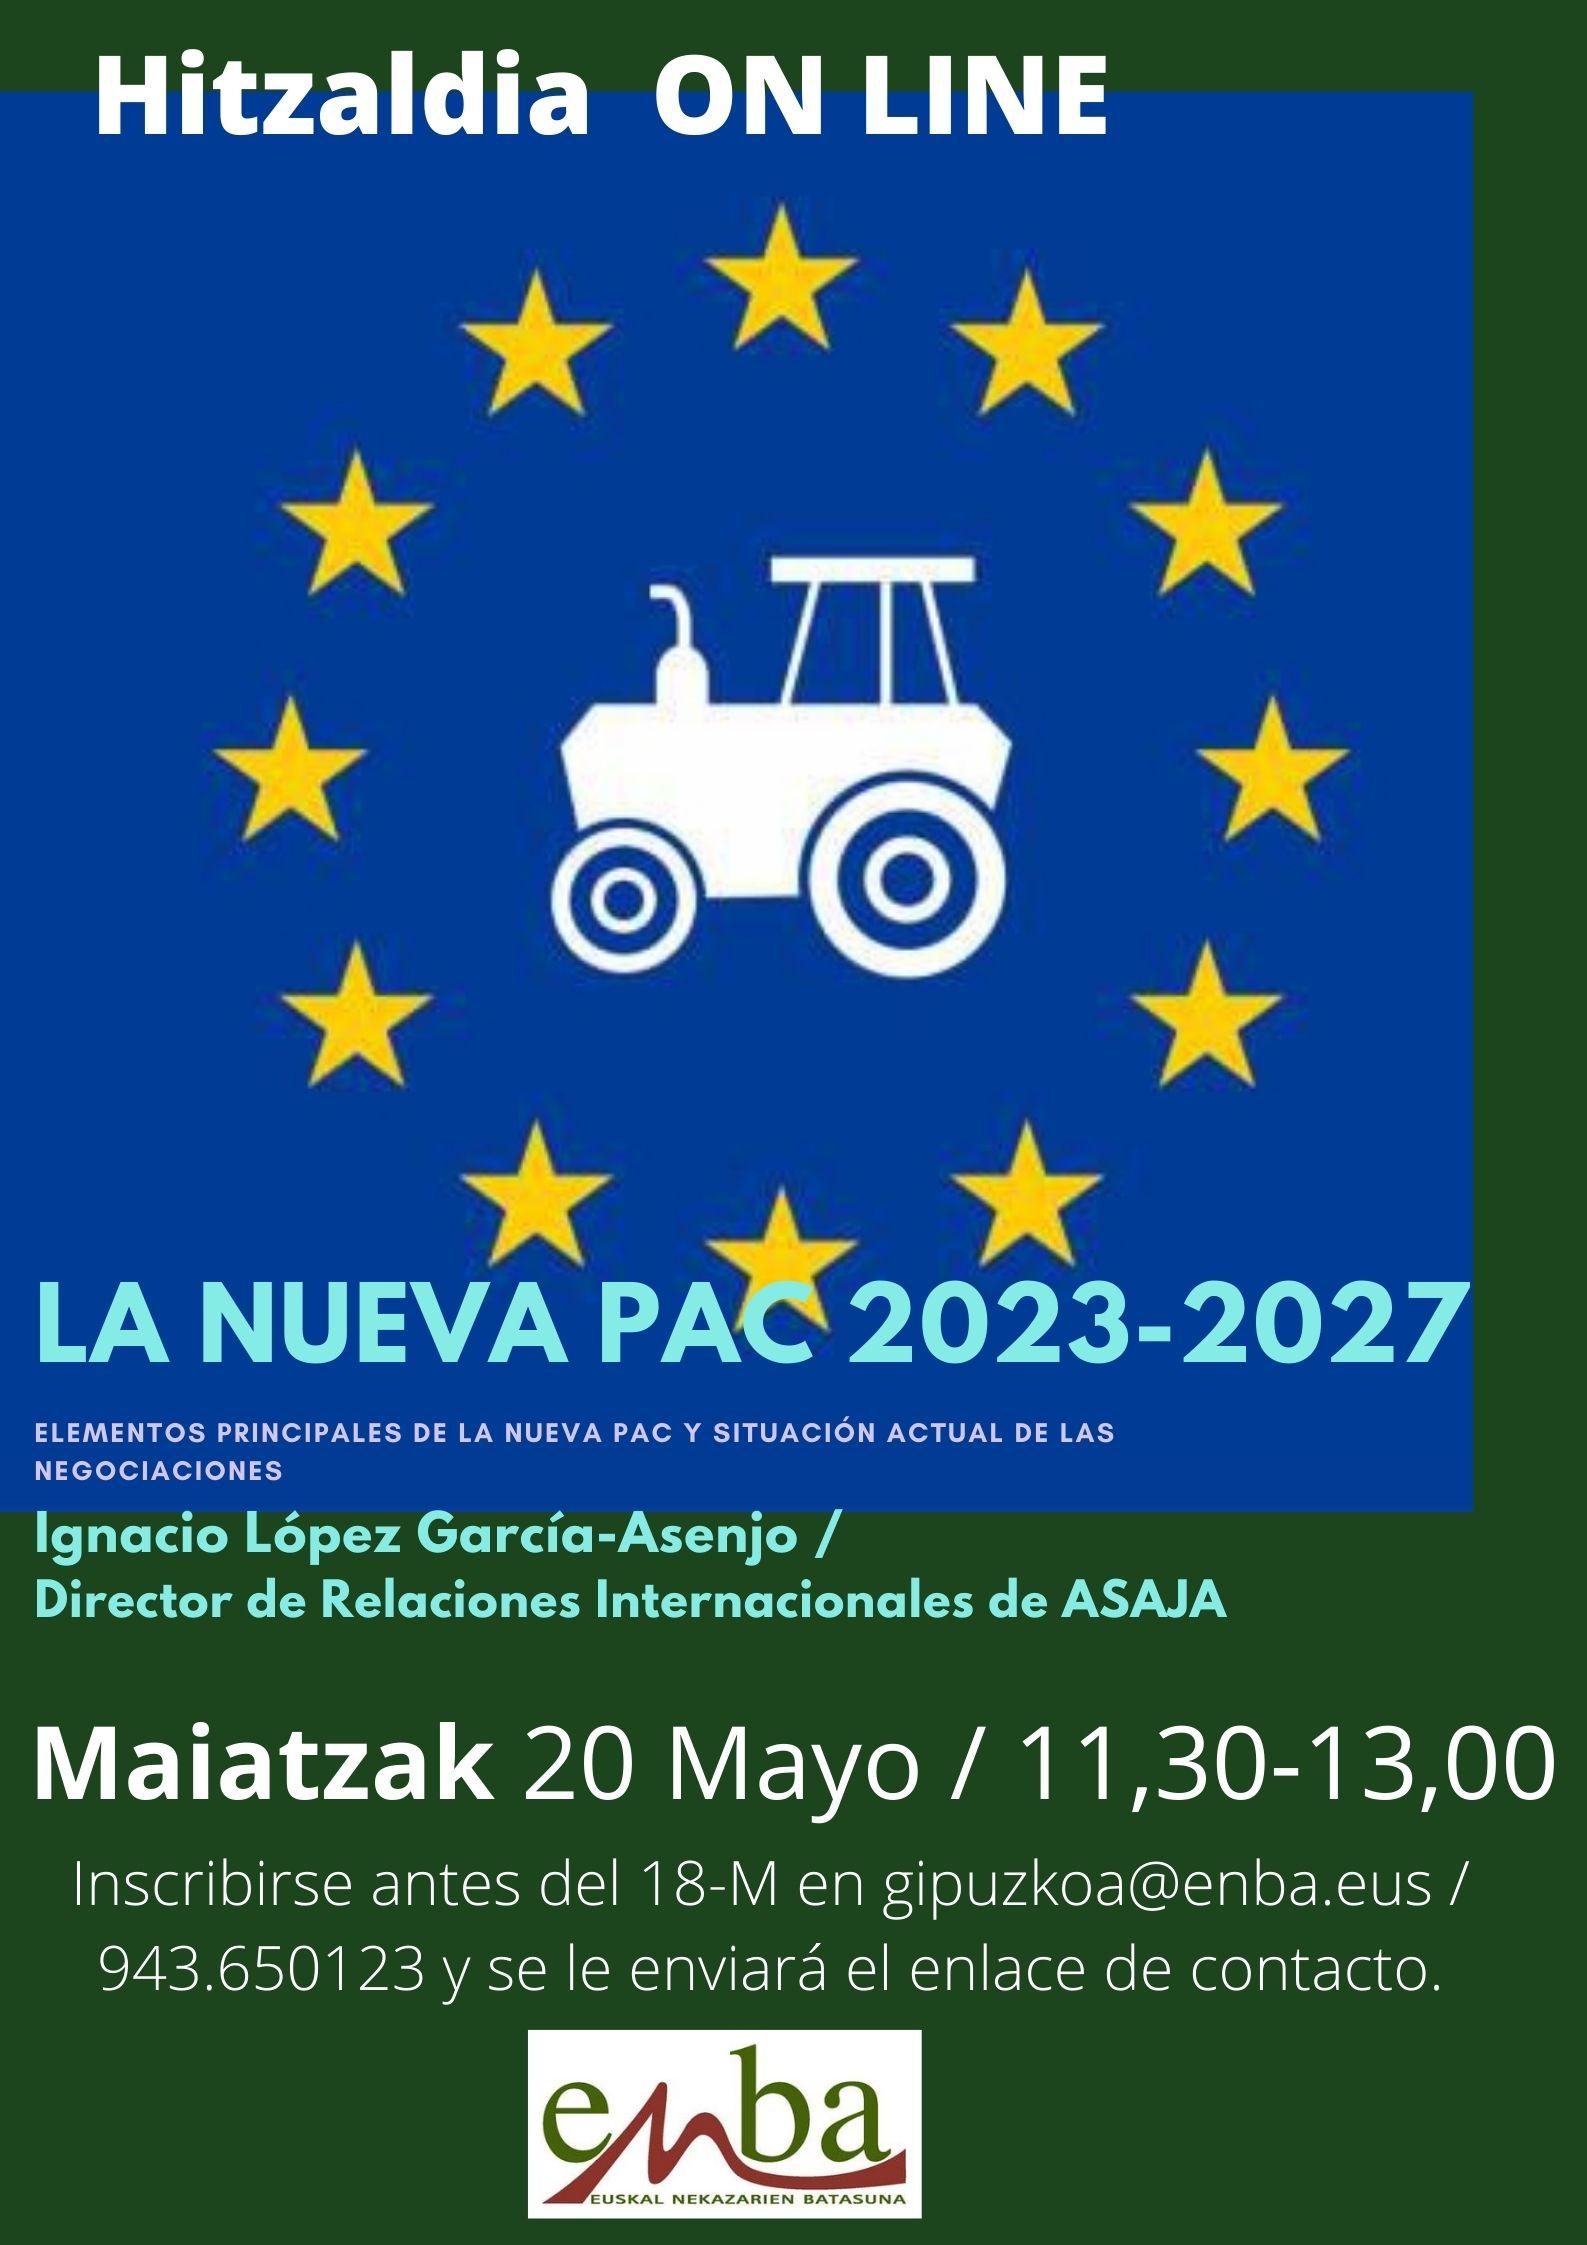 Abierta la inscripción para la Conferencia sobre LA NUEVA PAC 2023-2027 que se celebrará el 20 de Mayo